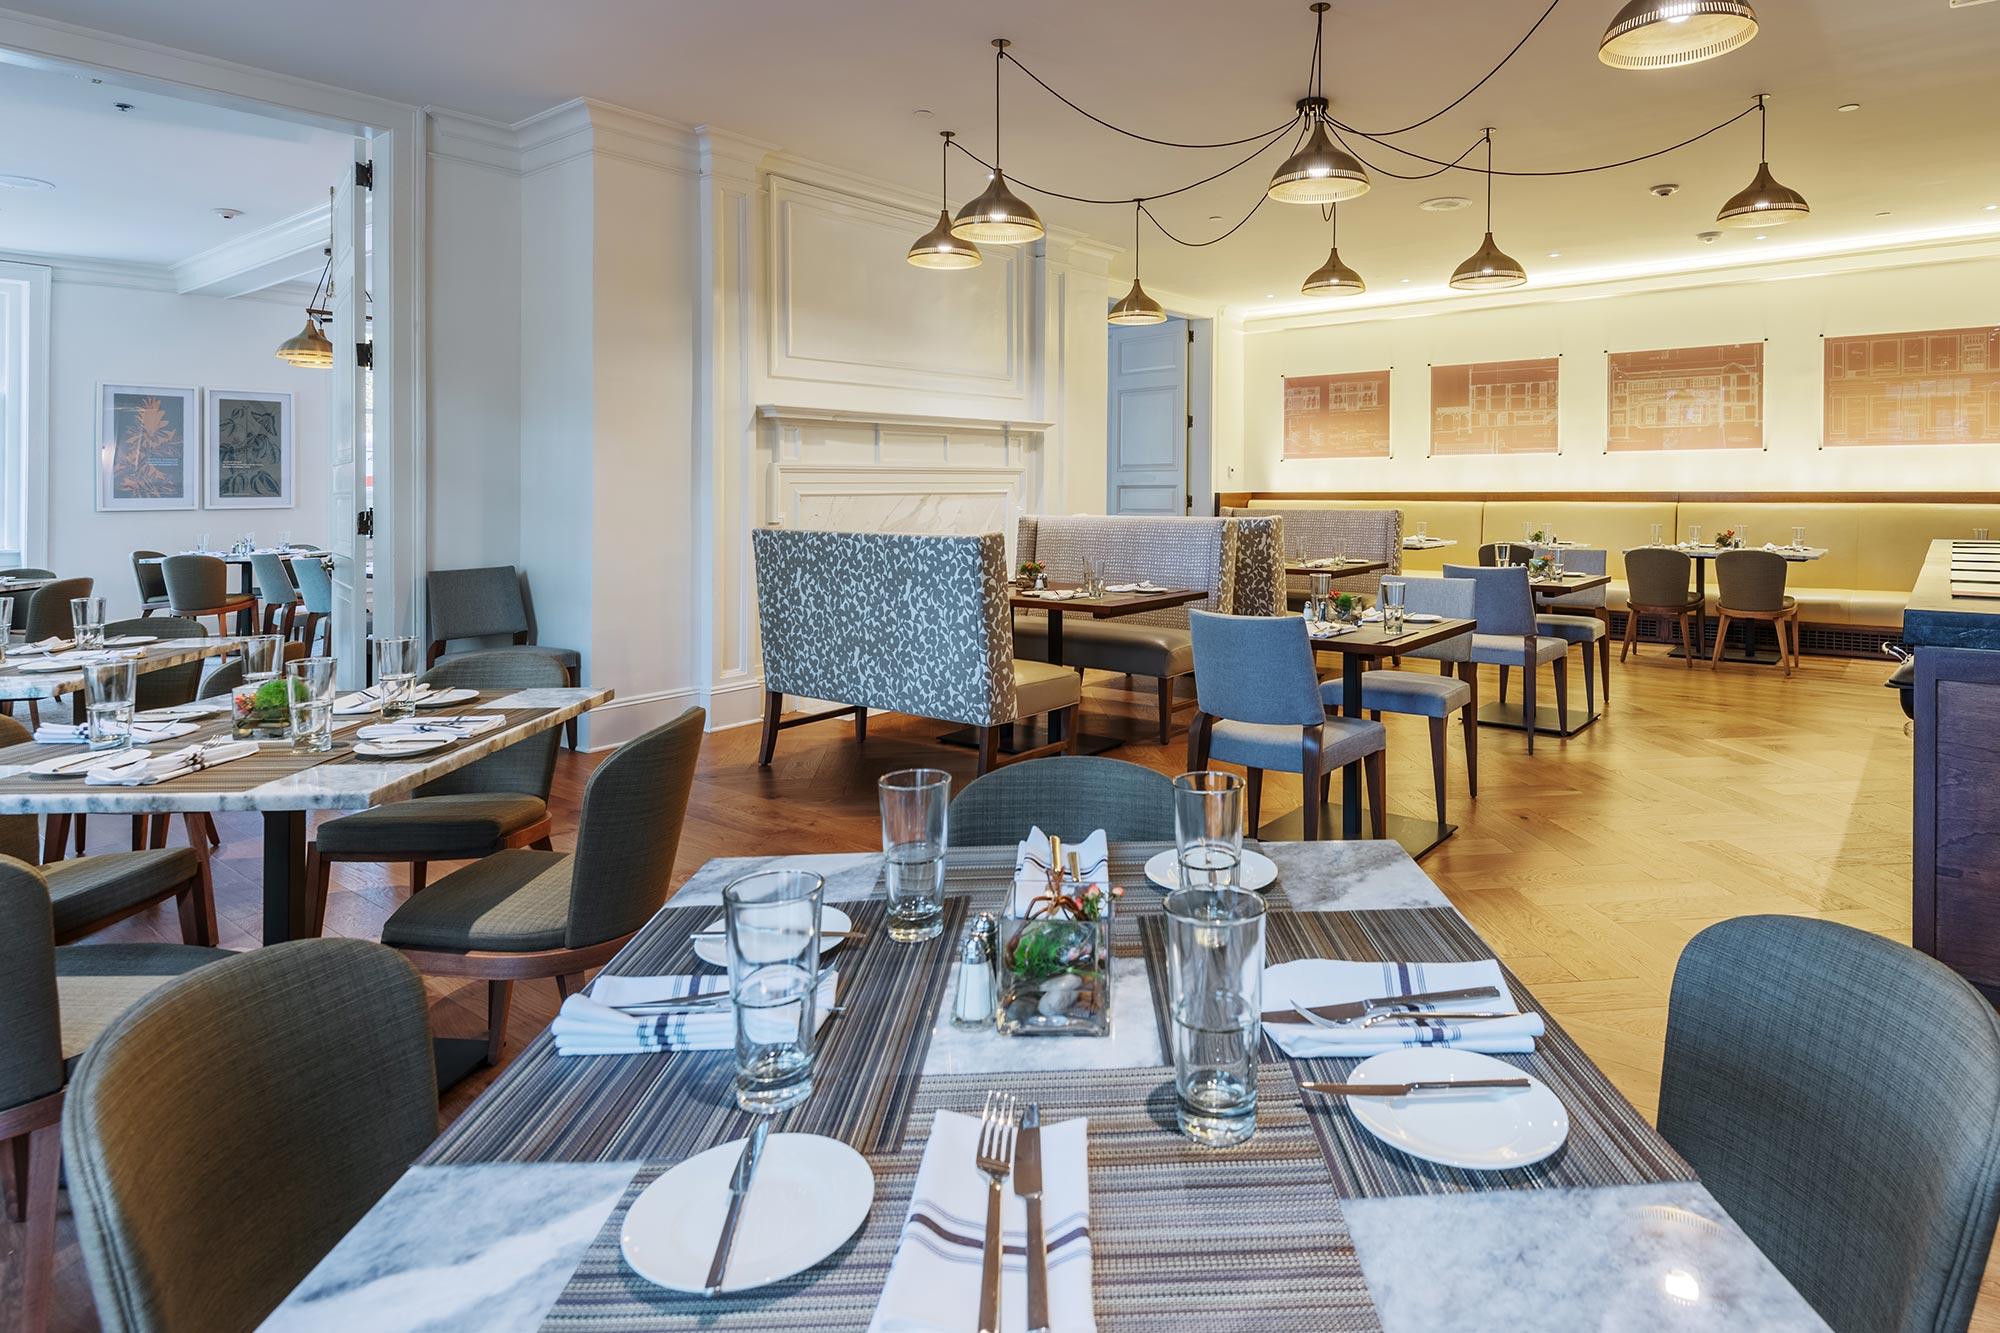 Carolina Inn Dining